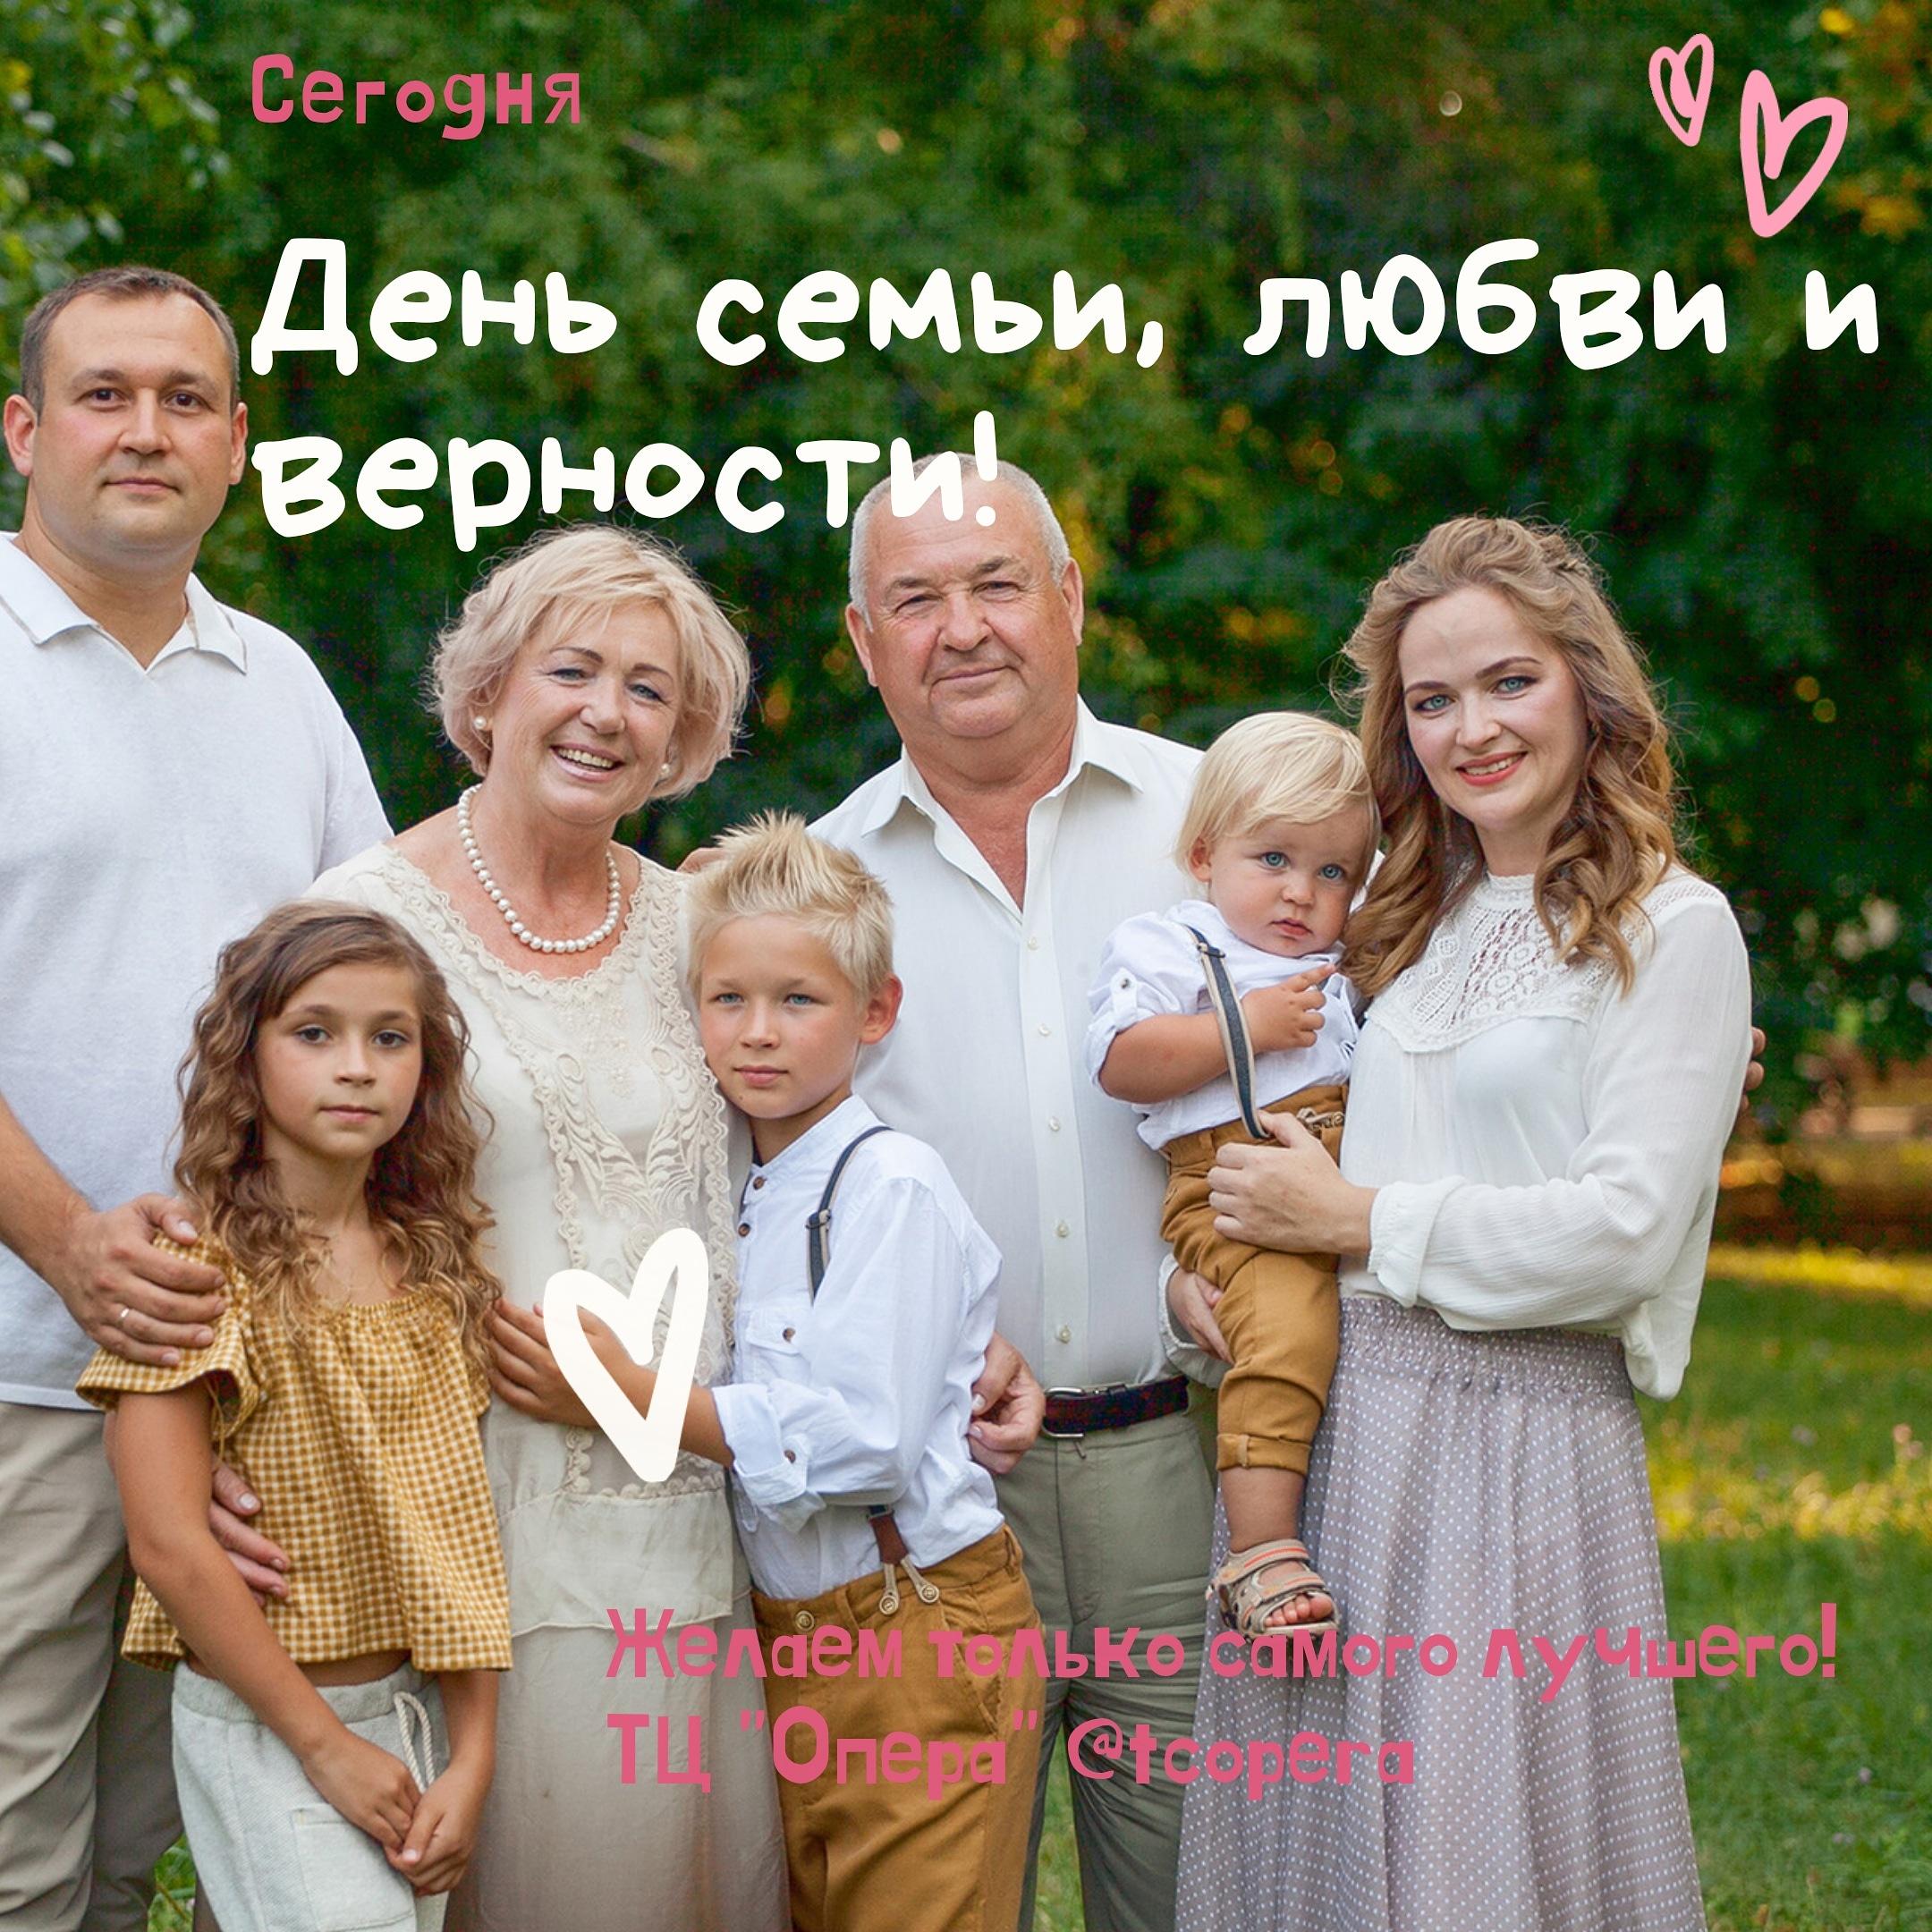 Поздравляем с днем семьи, любви и верности!